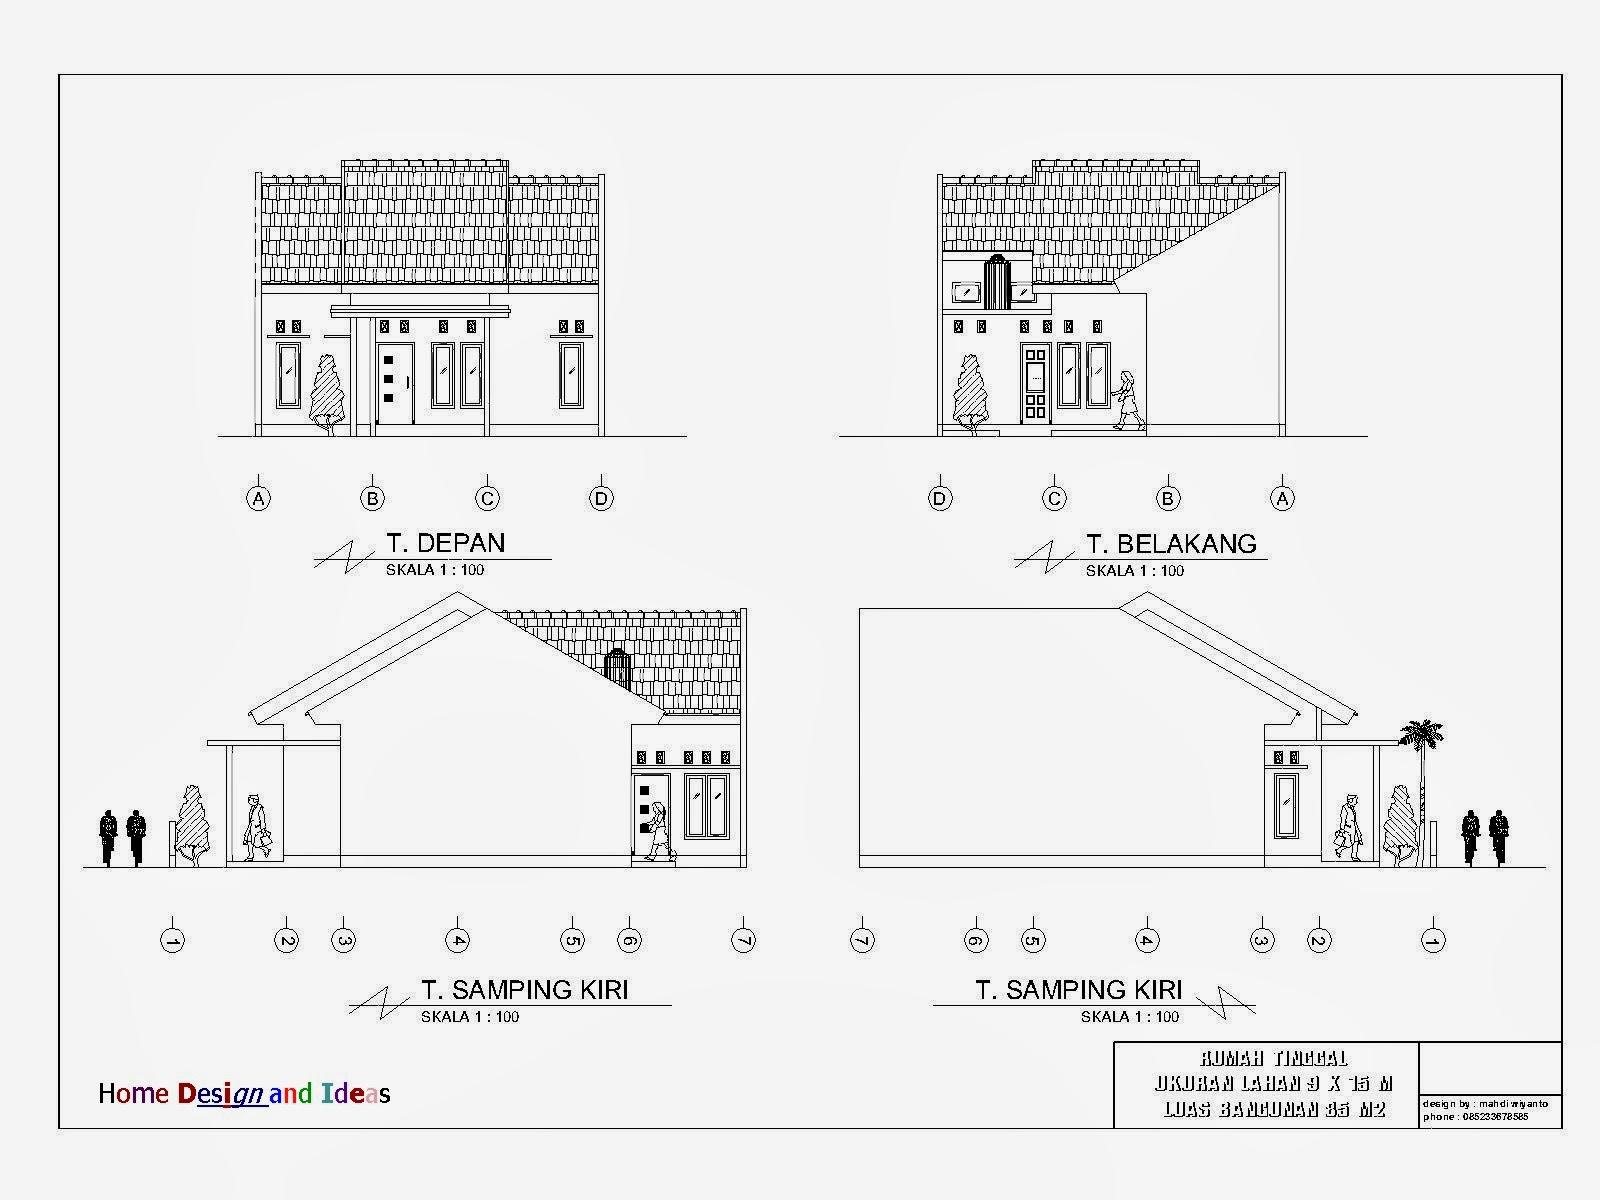 home design interior singapore: Rab Rumah Minimalis 2 Lantai Excel